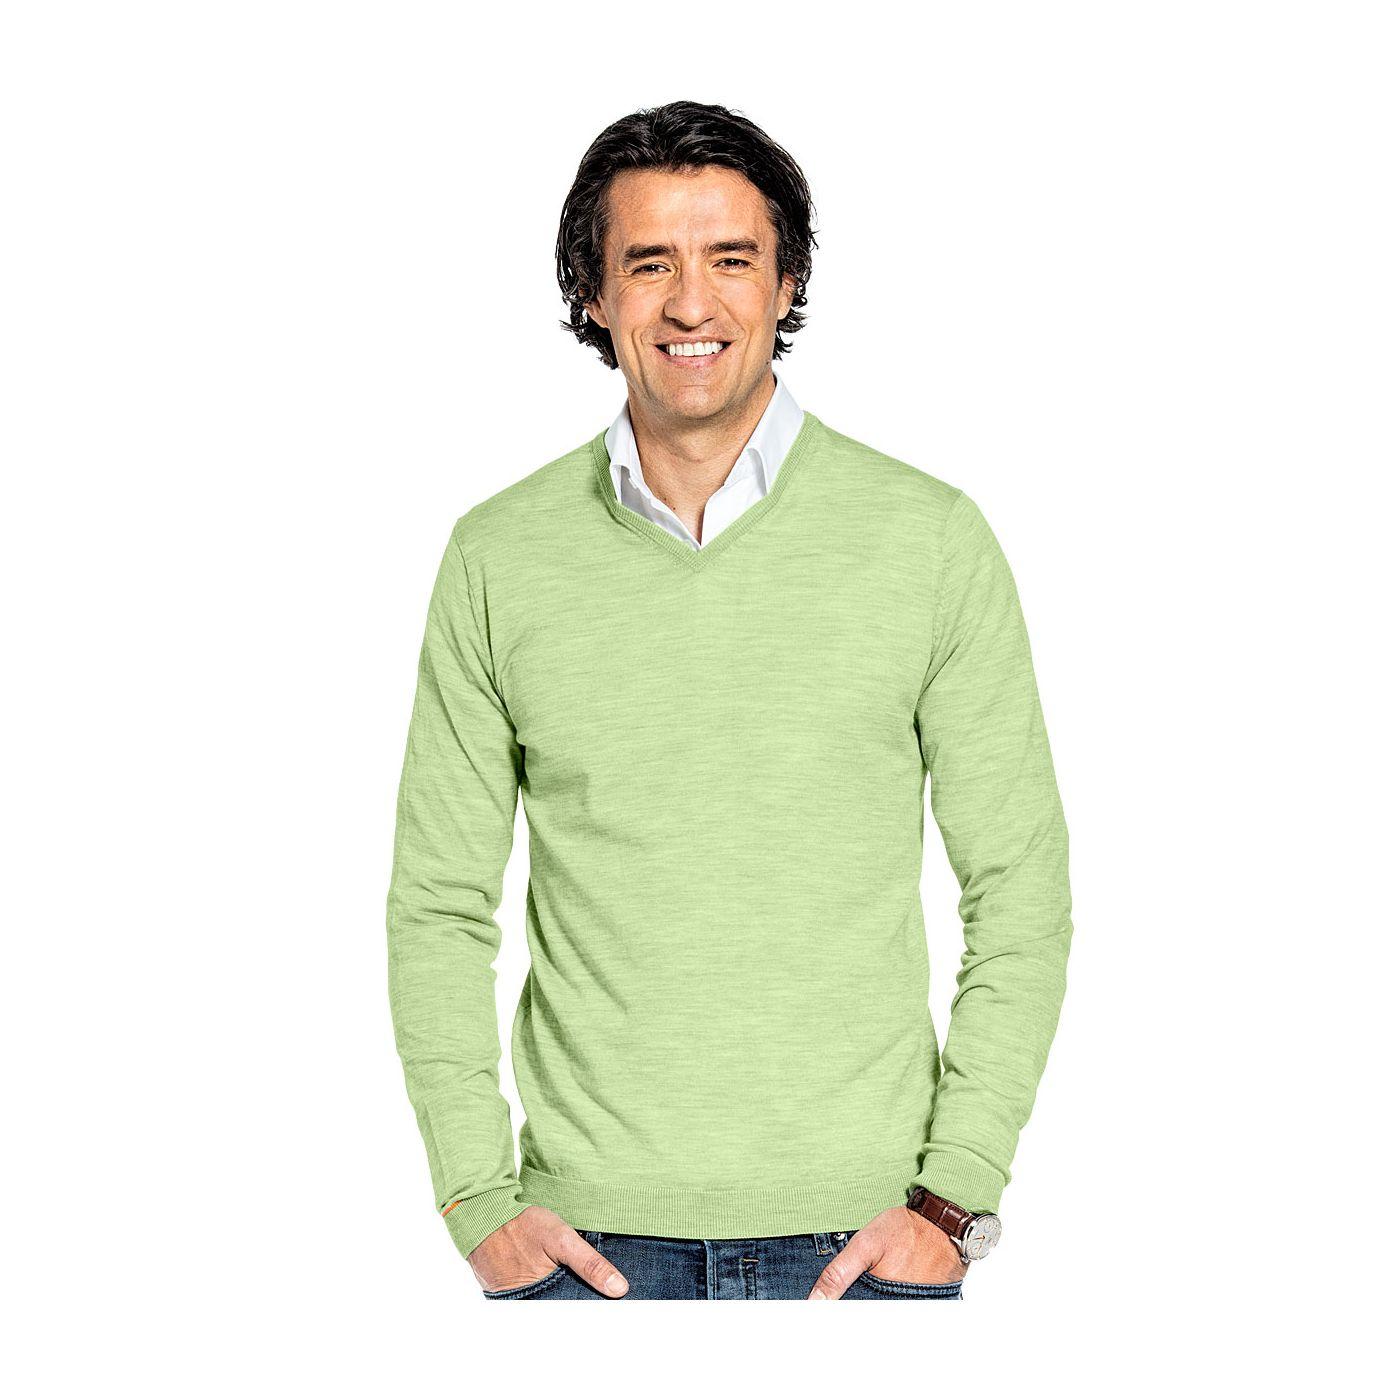 Pullover mit V-Ausschnitt für Herren aus Merinowolle in Hellgrün